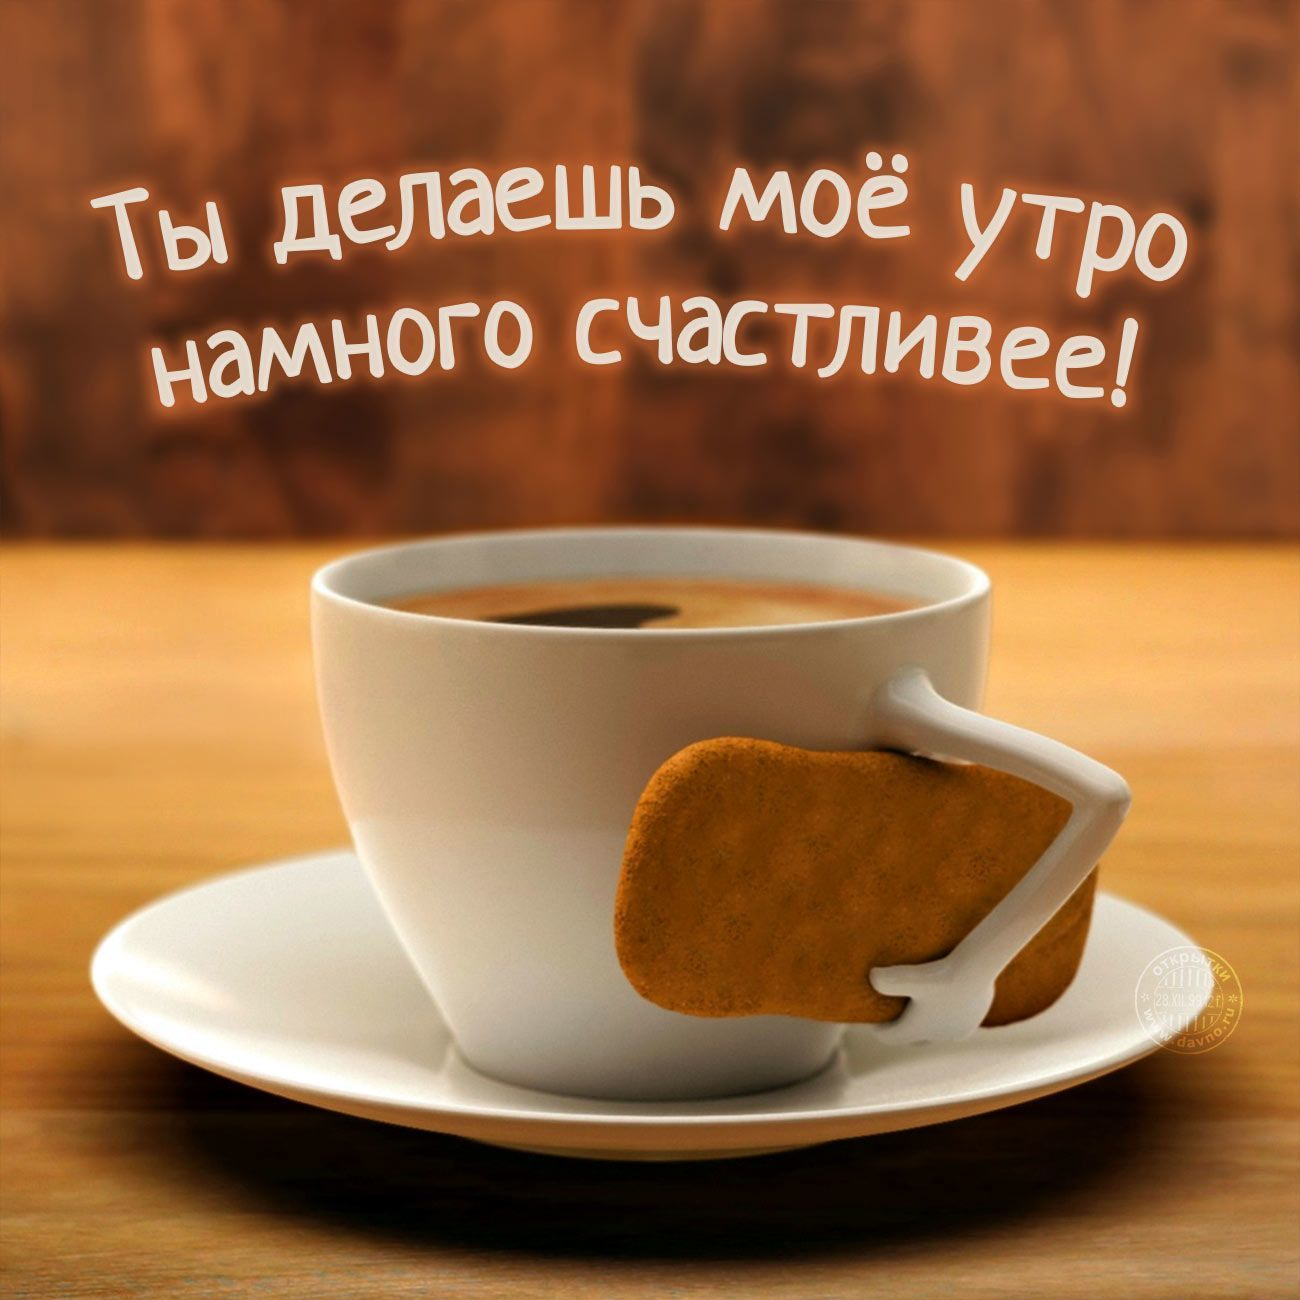 Доброе утро любимый - красивые открытки своими словами 7